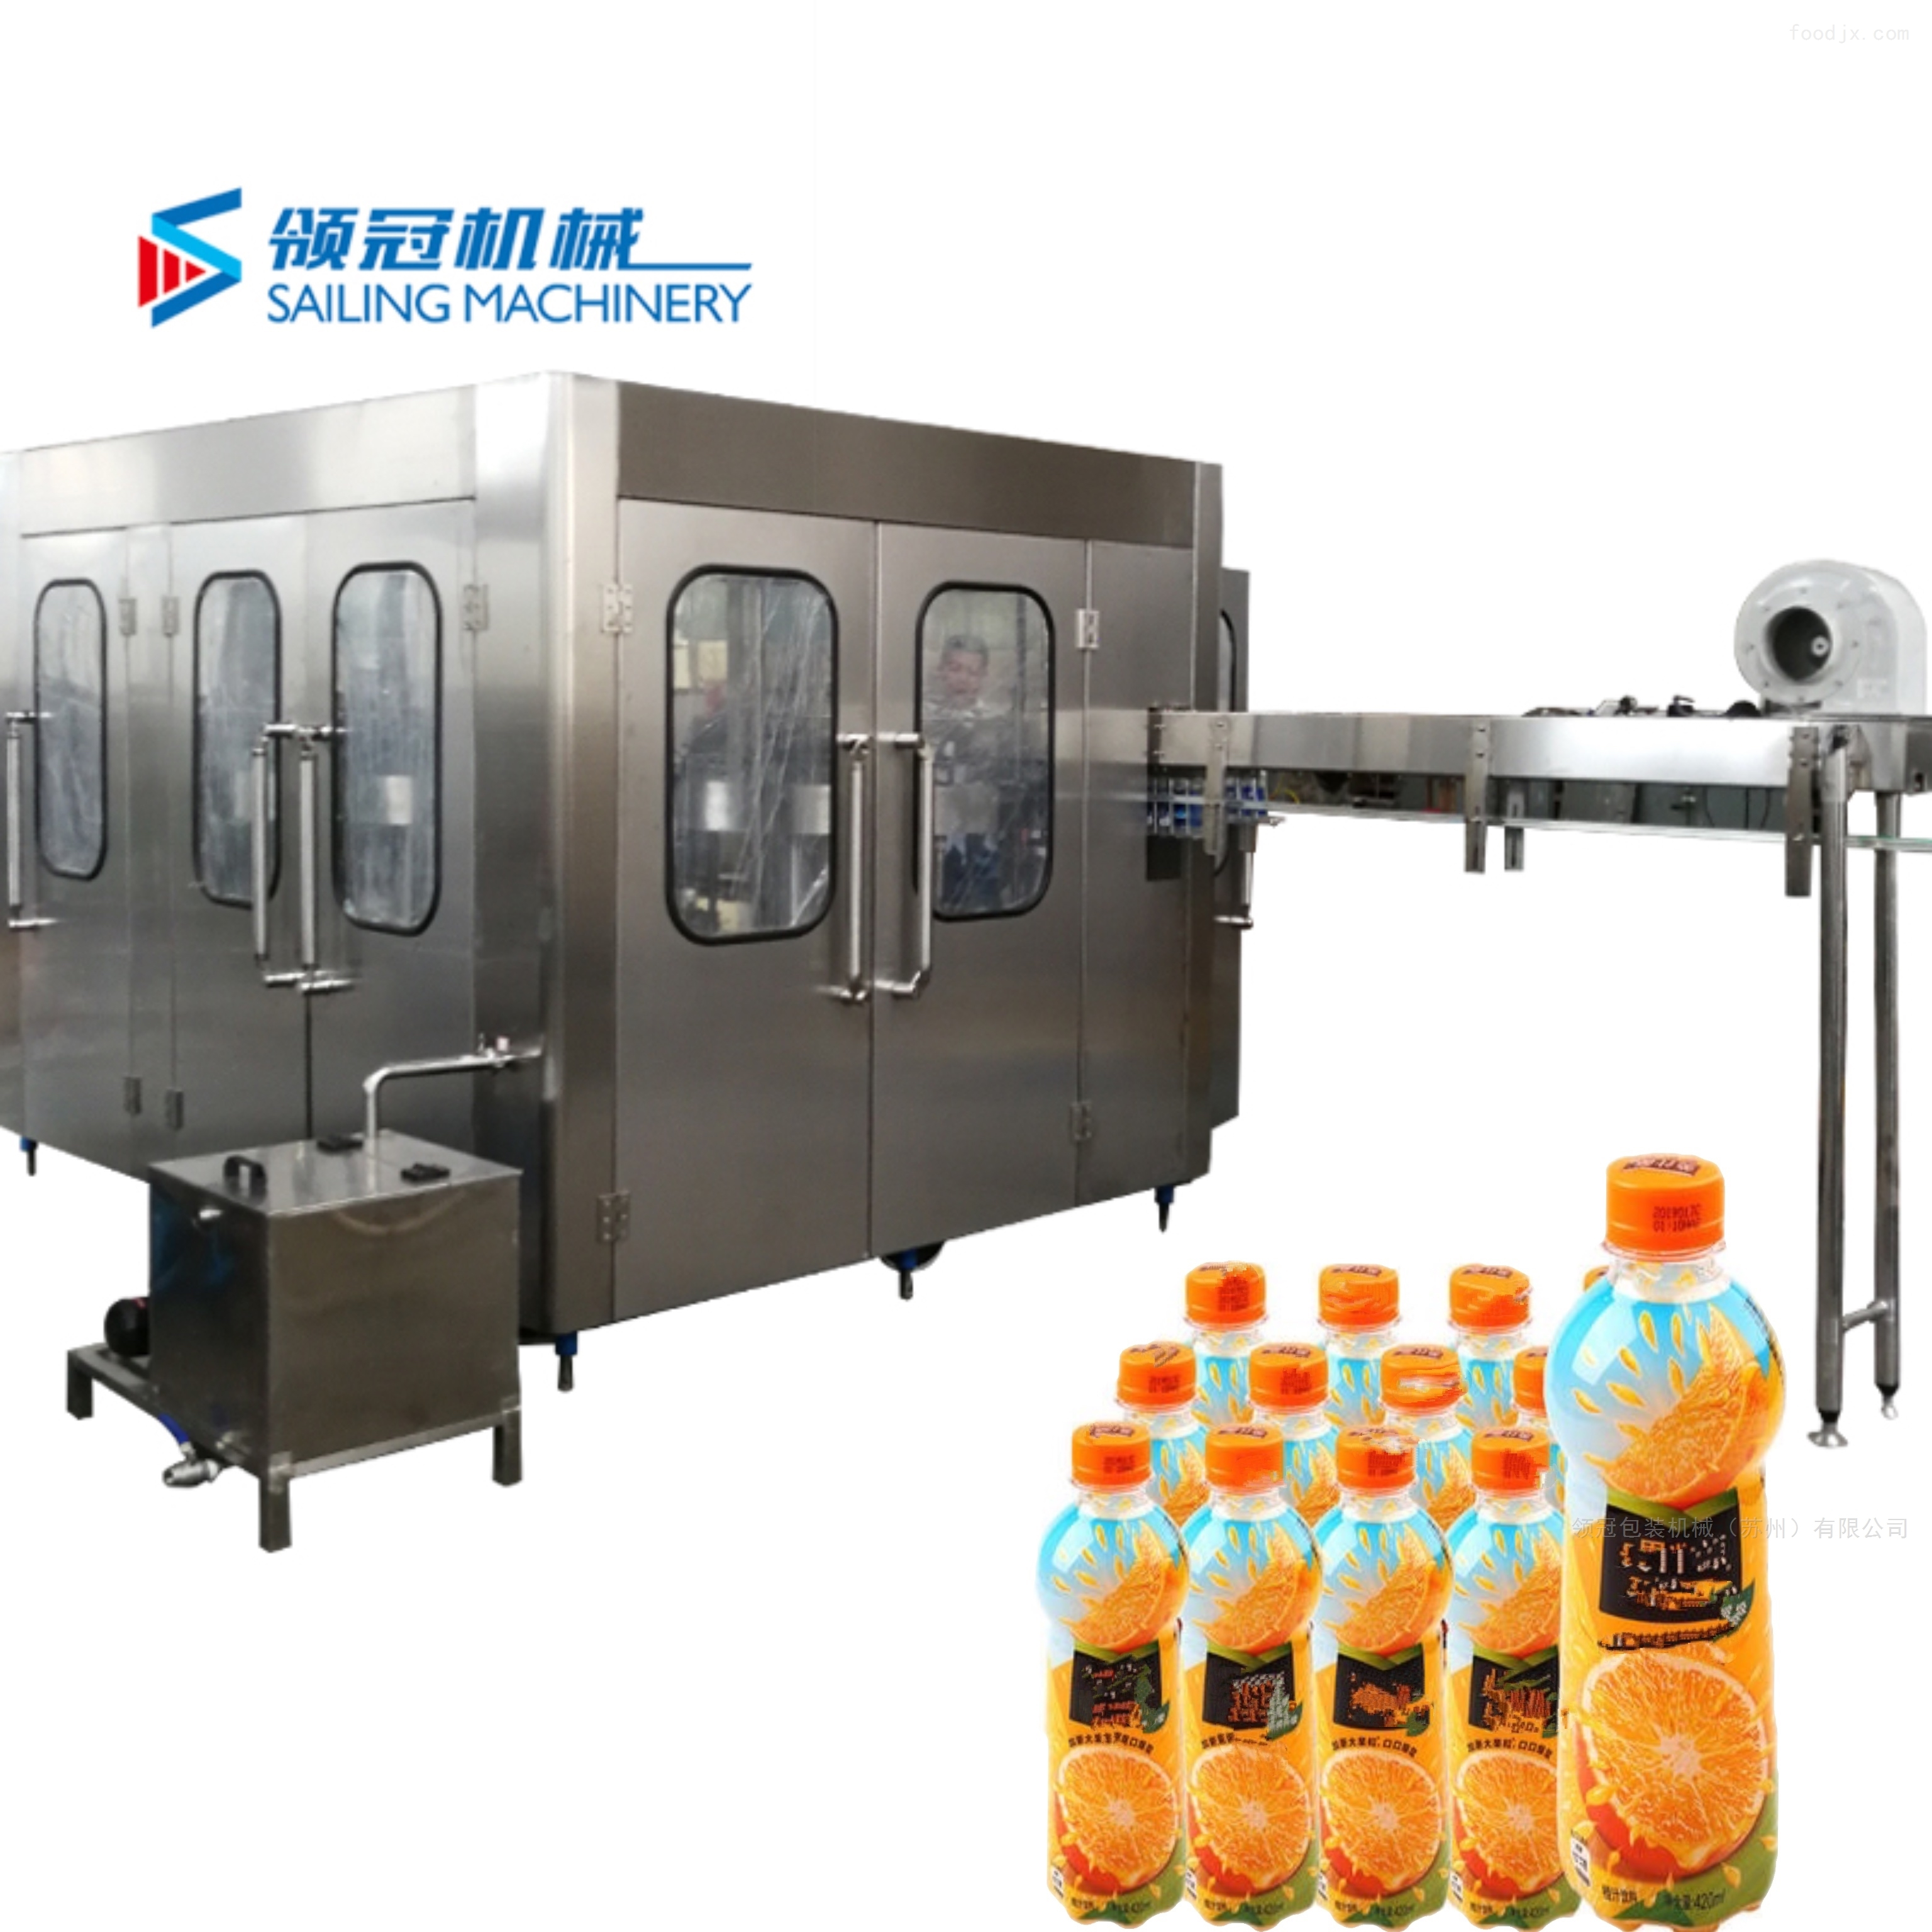 多功能果汁灌装生产线